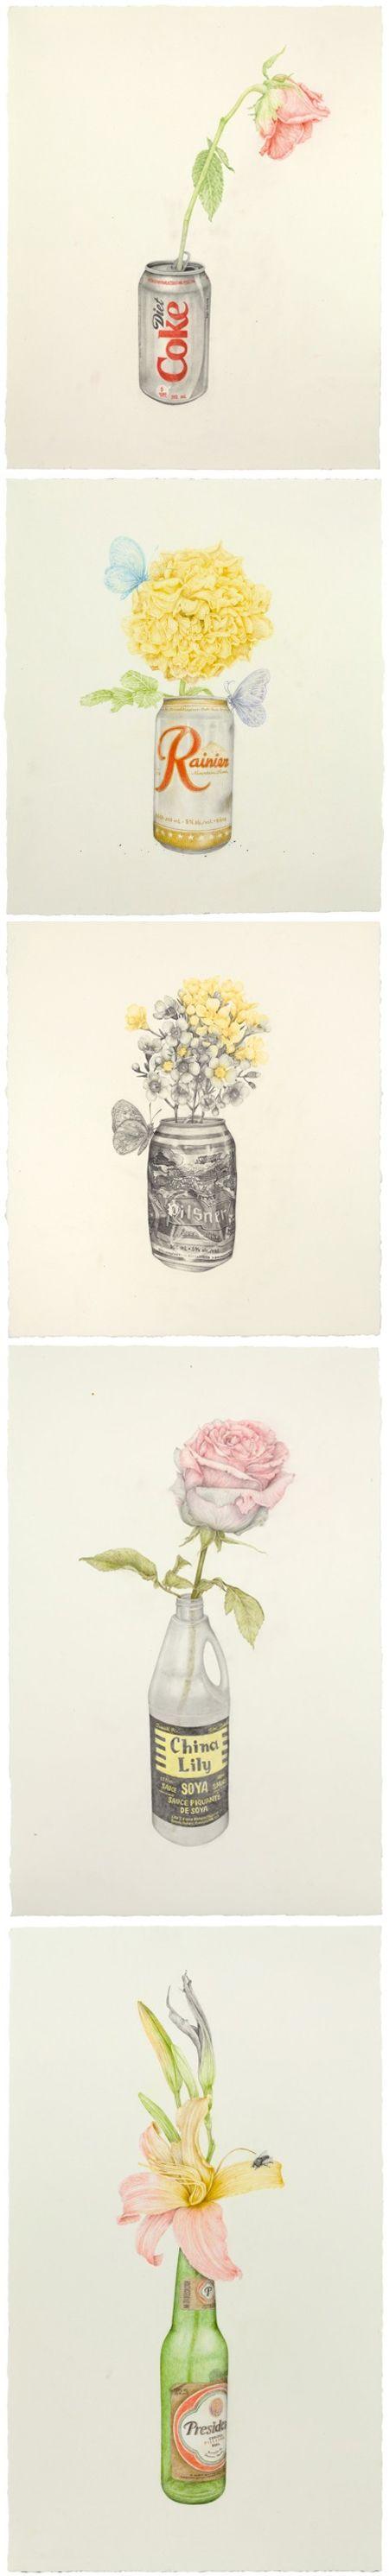 Aurelschmidt design pinterest schmidt poet and masking